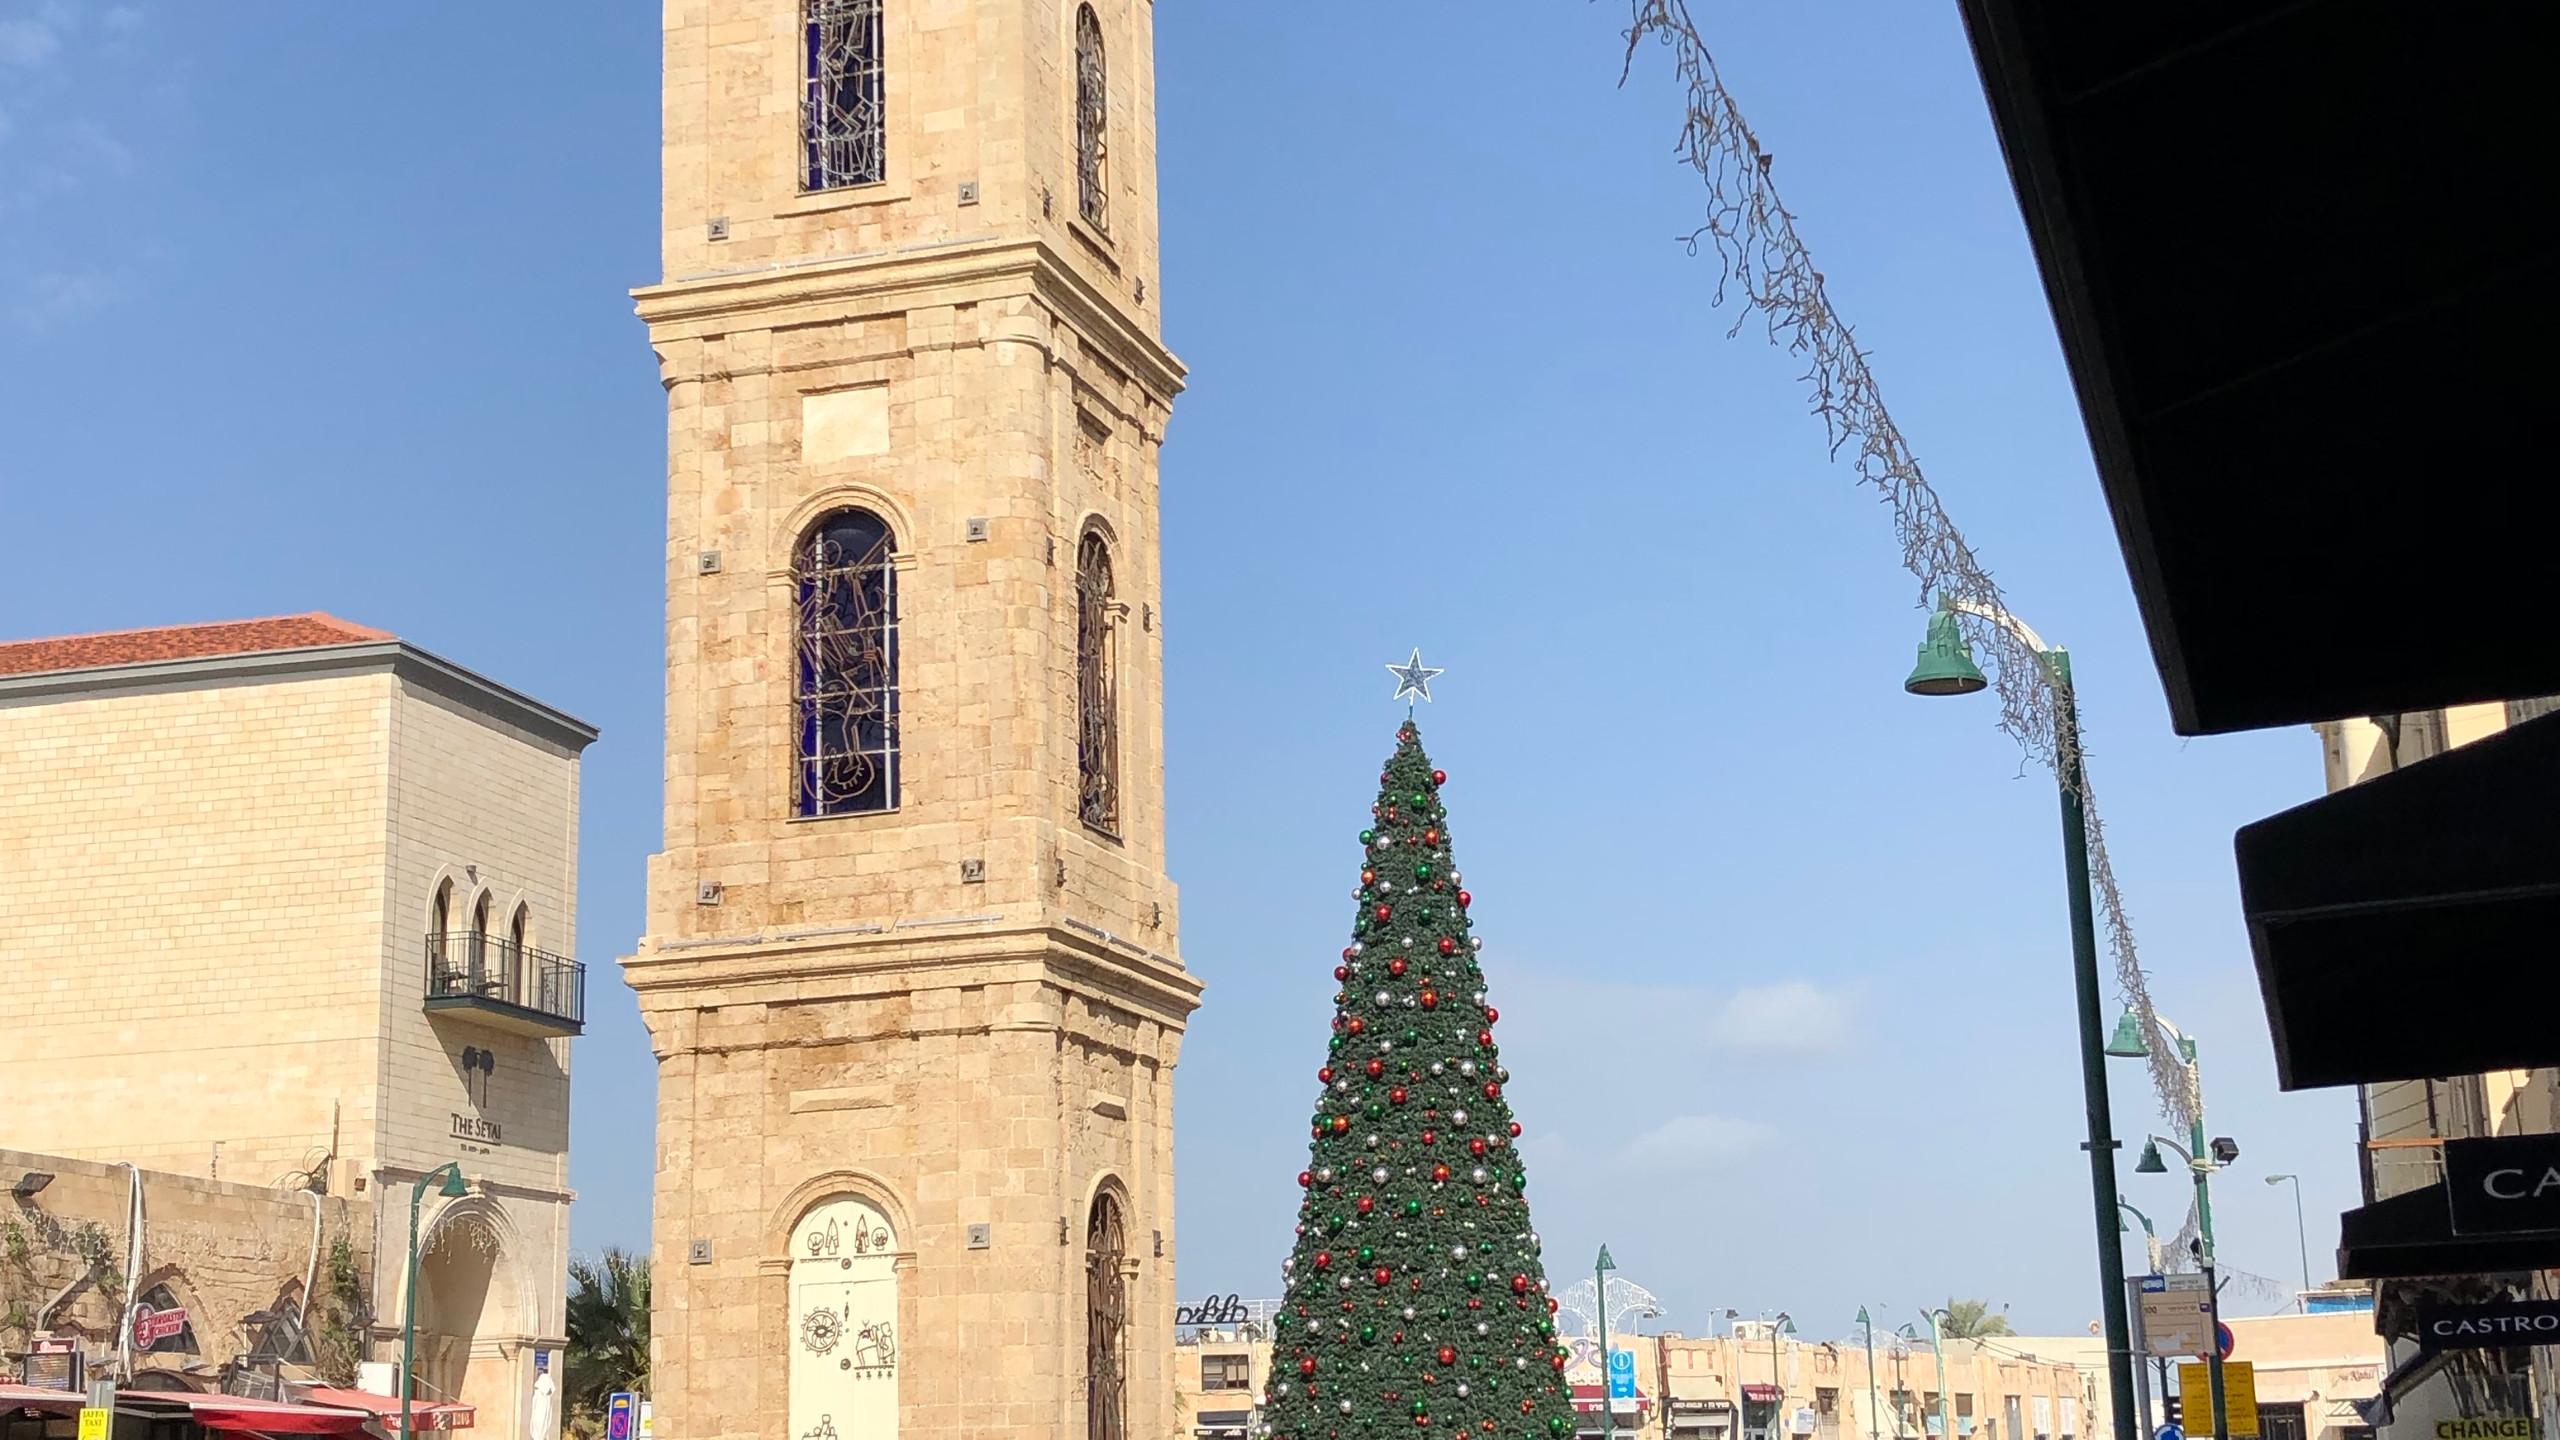 Christmas Tree in Joppa